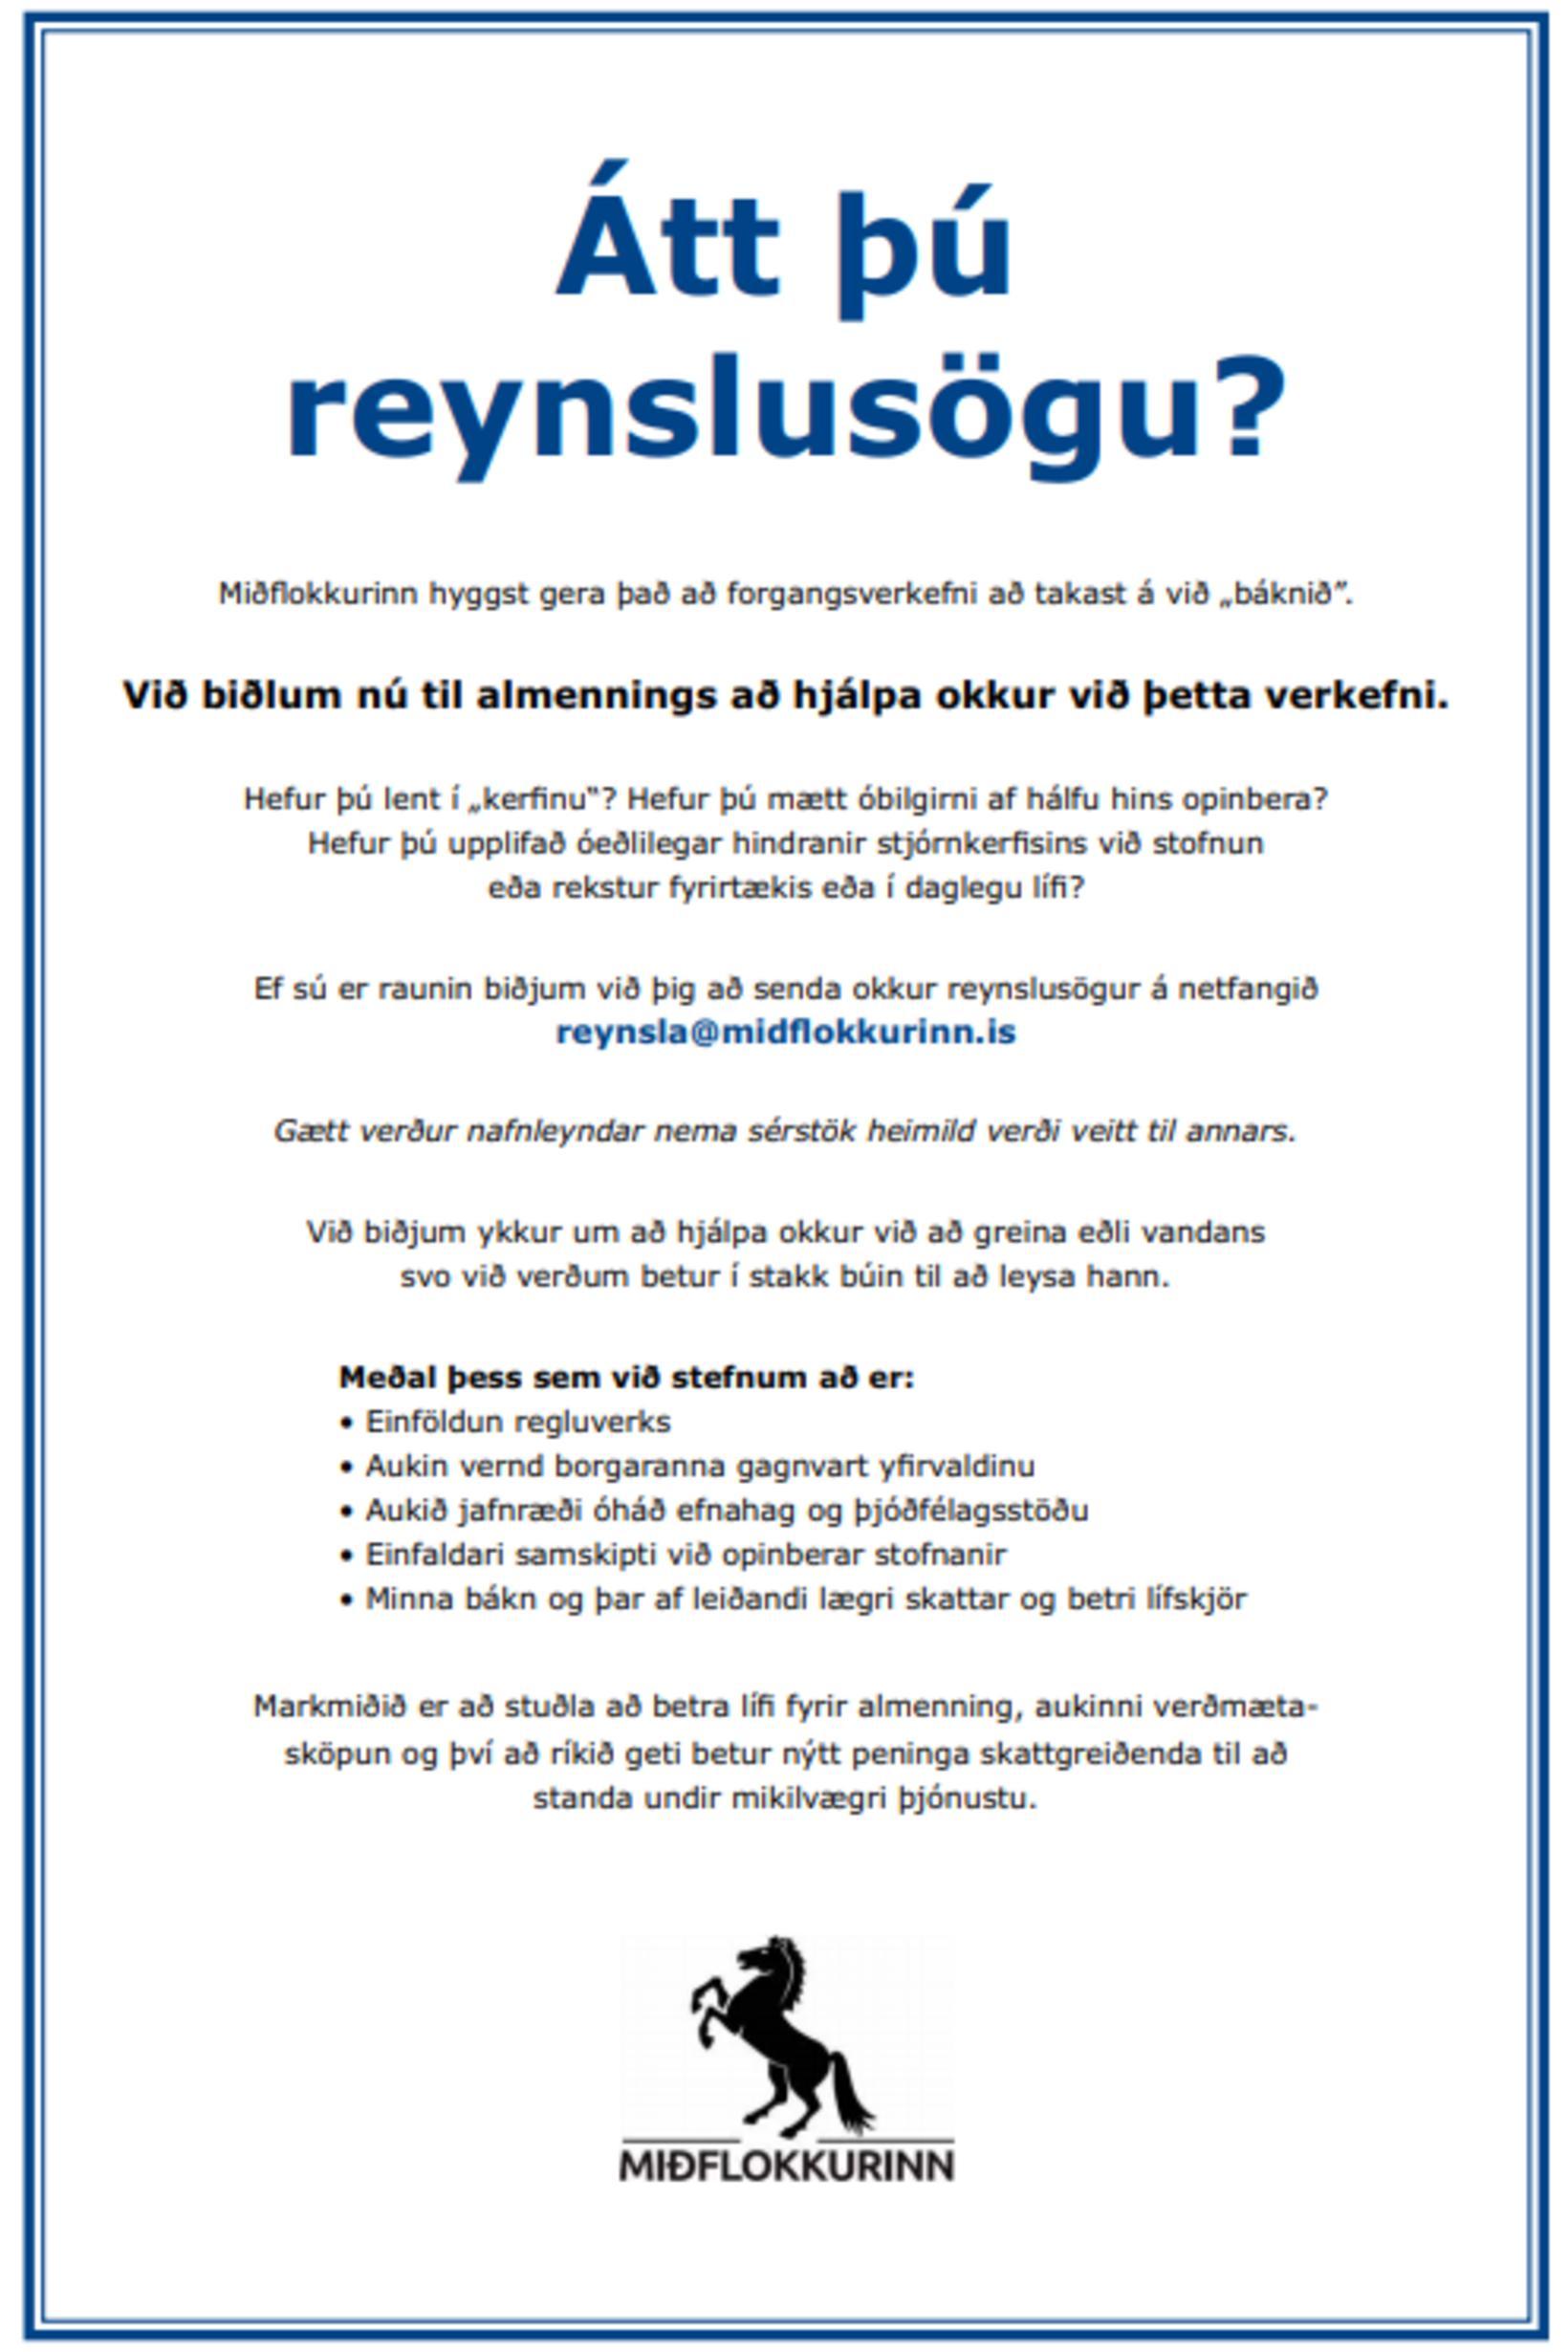 Miðflokkurinn auglýsir eftir reynslusögum í Morgunblaðinu í dag.